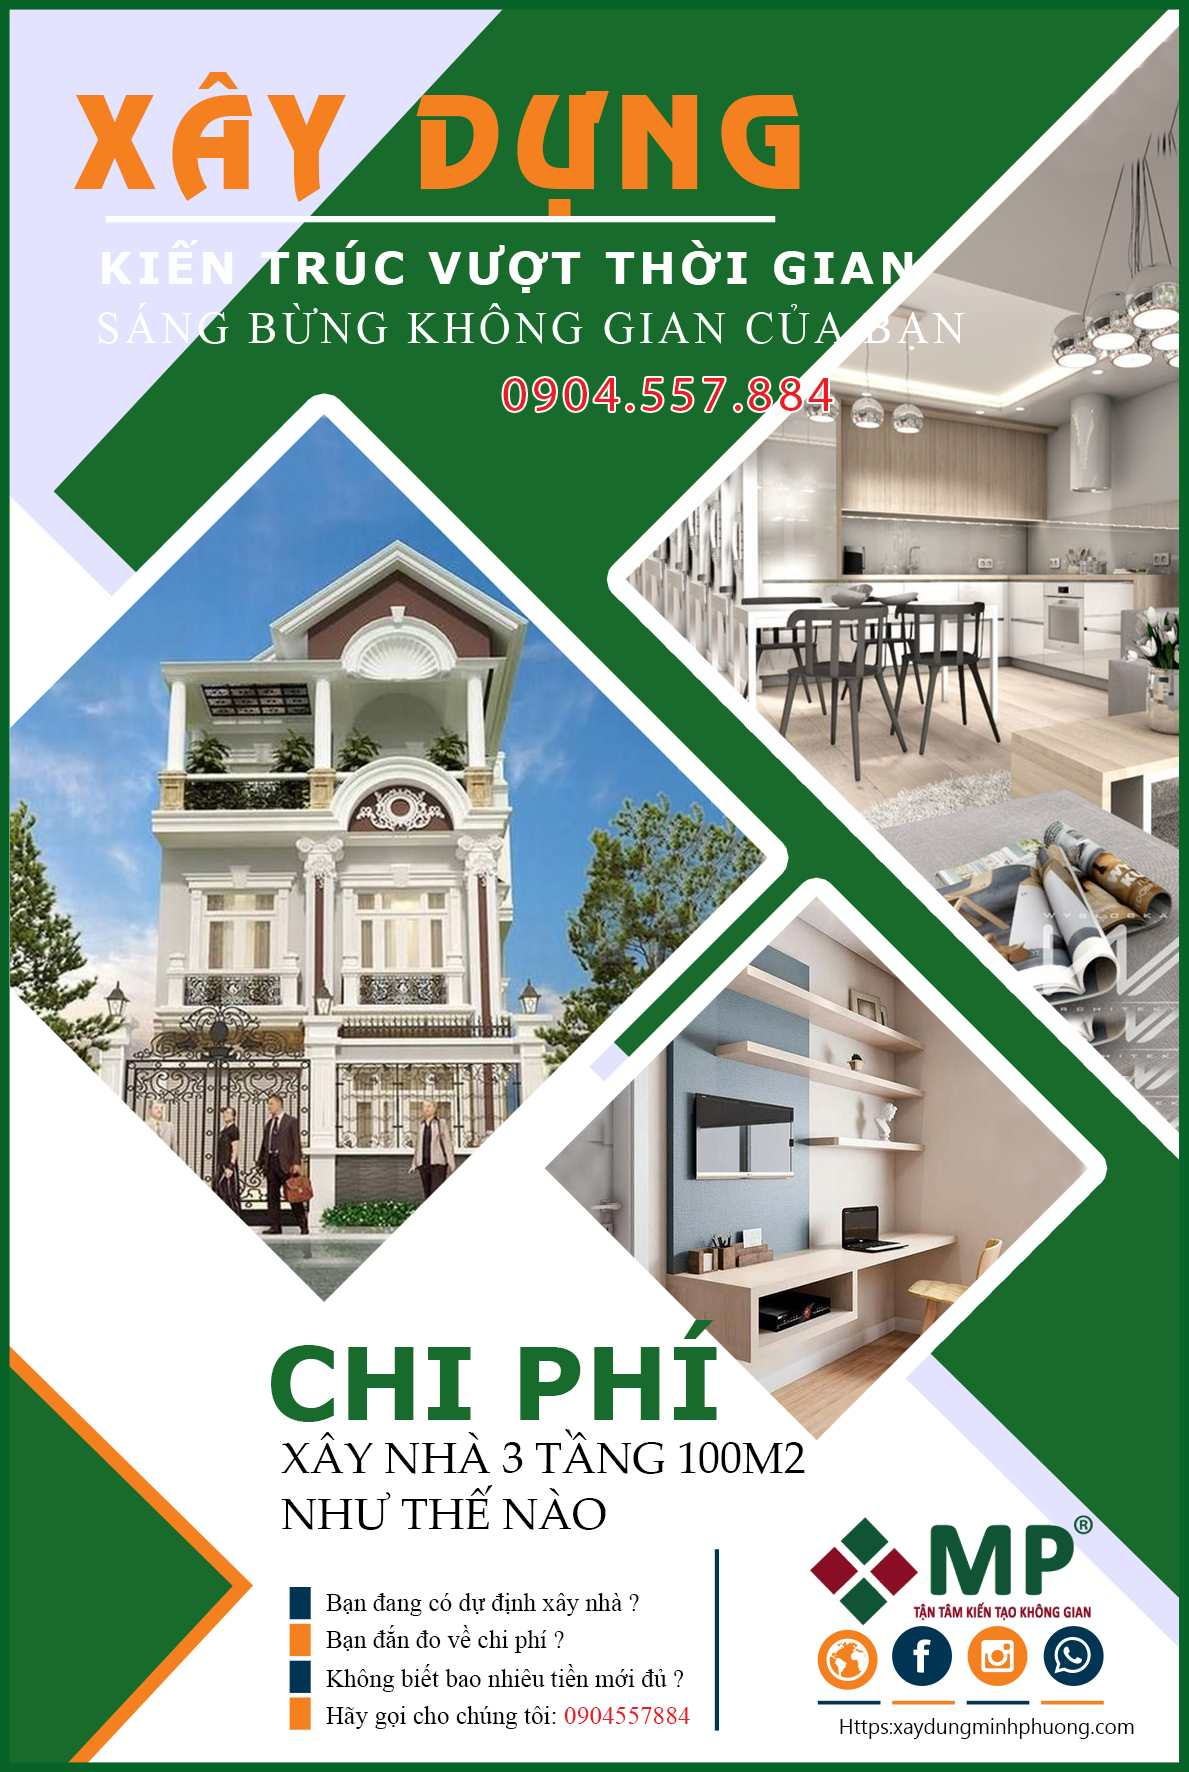 Chi phí thiết kế xây dựng nhà 3 tầng 100m2